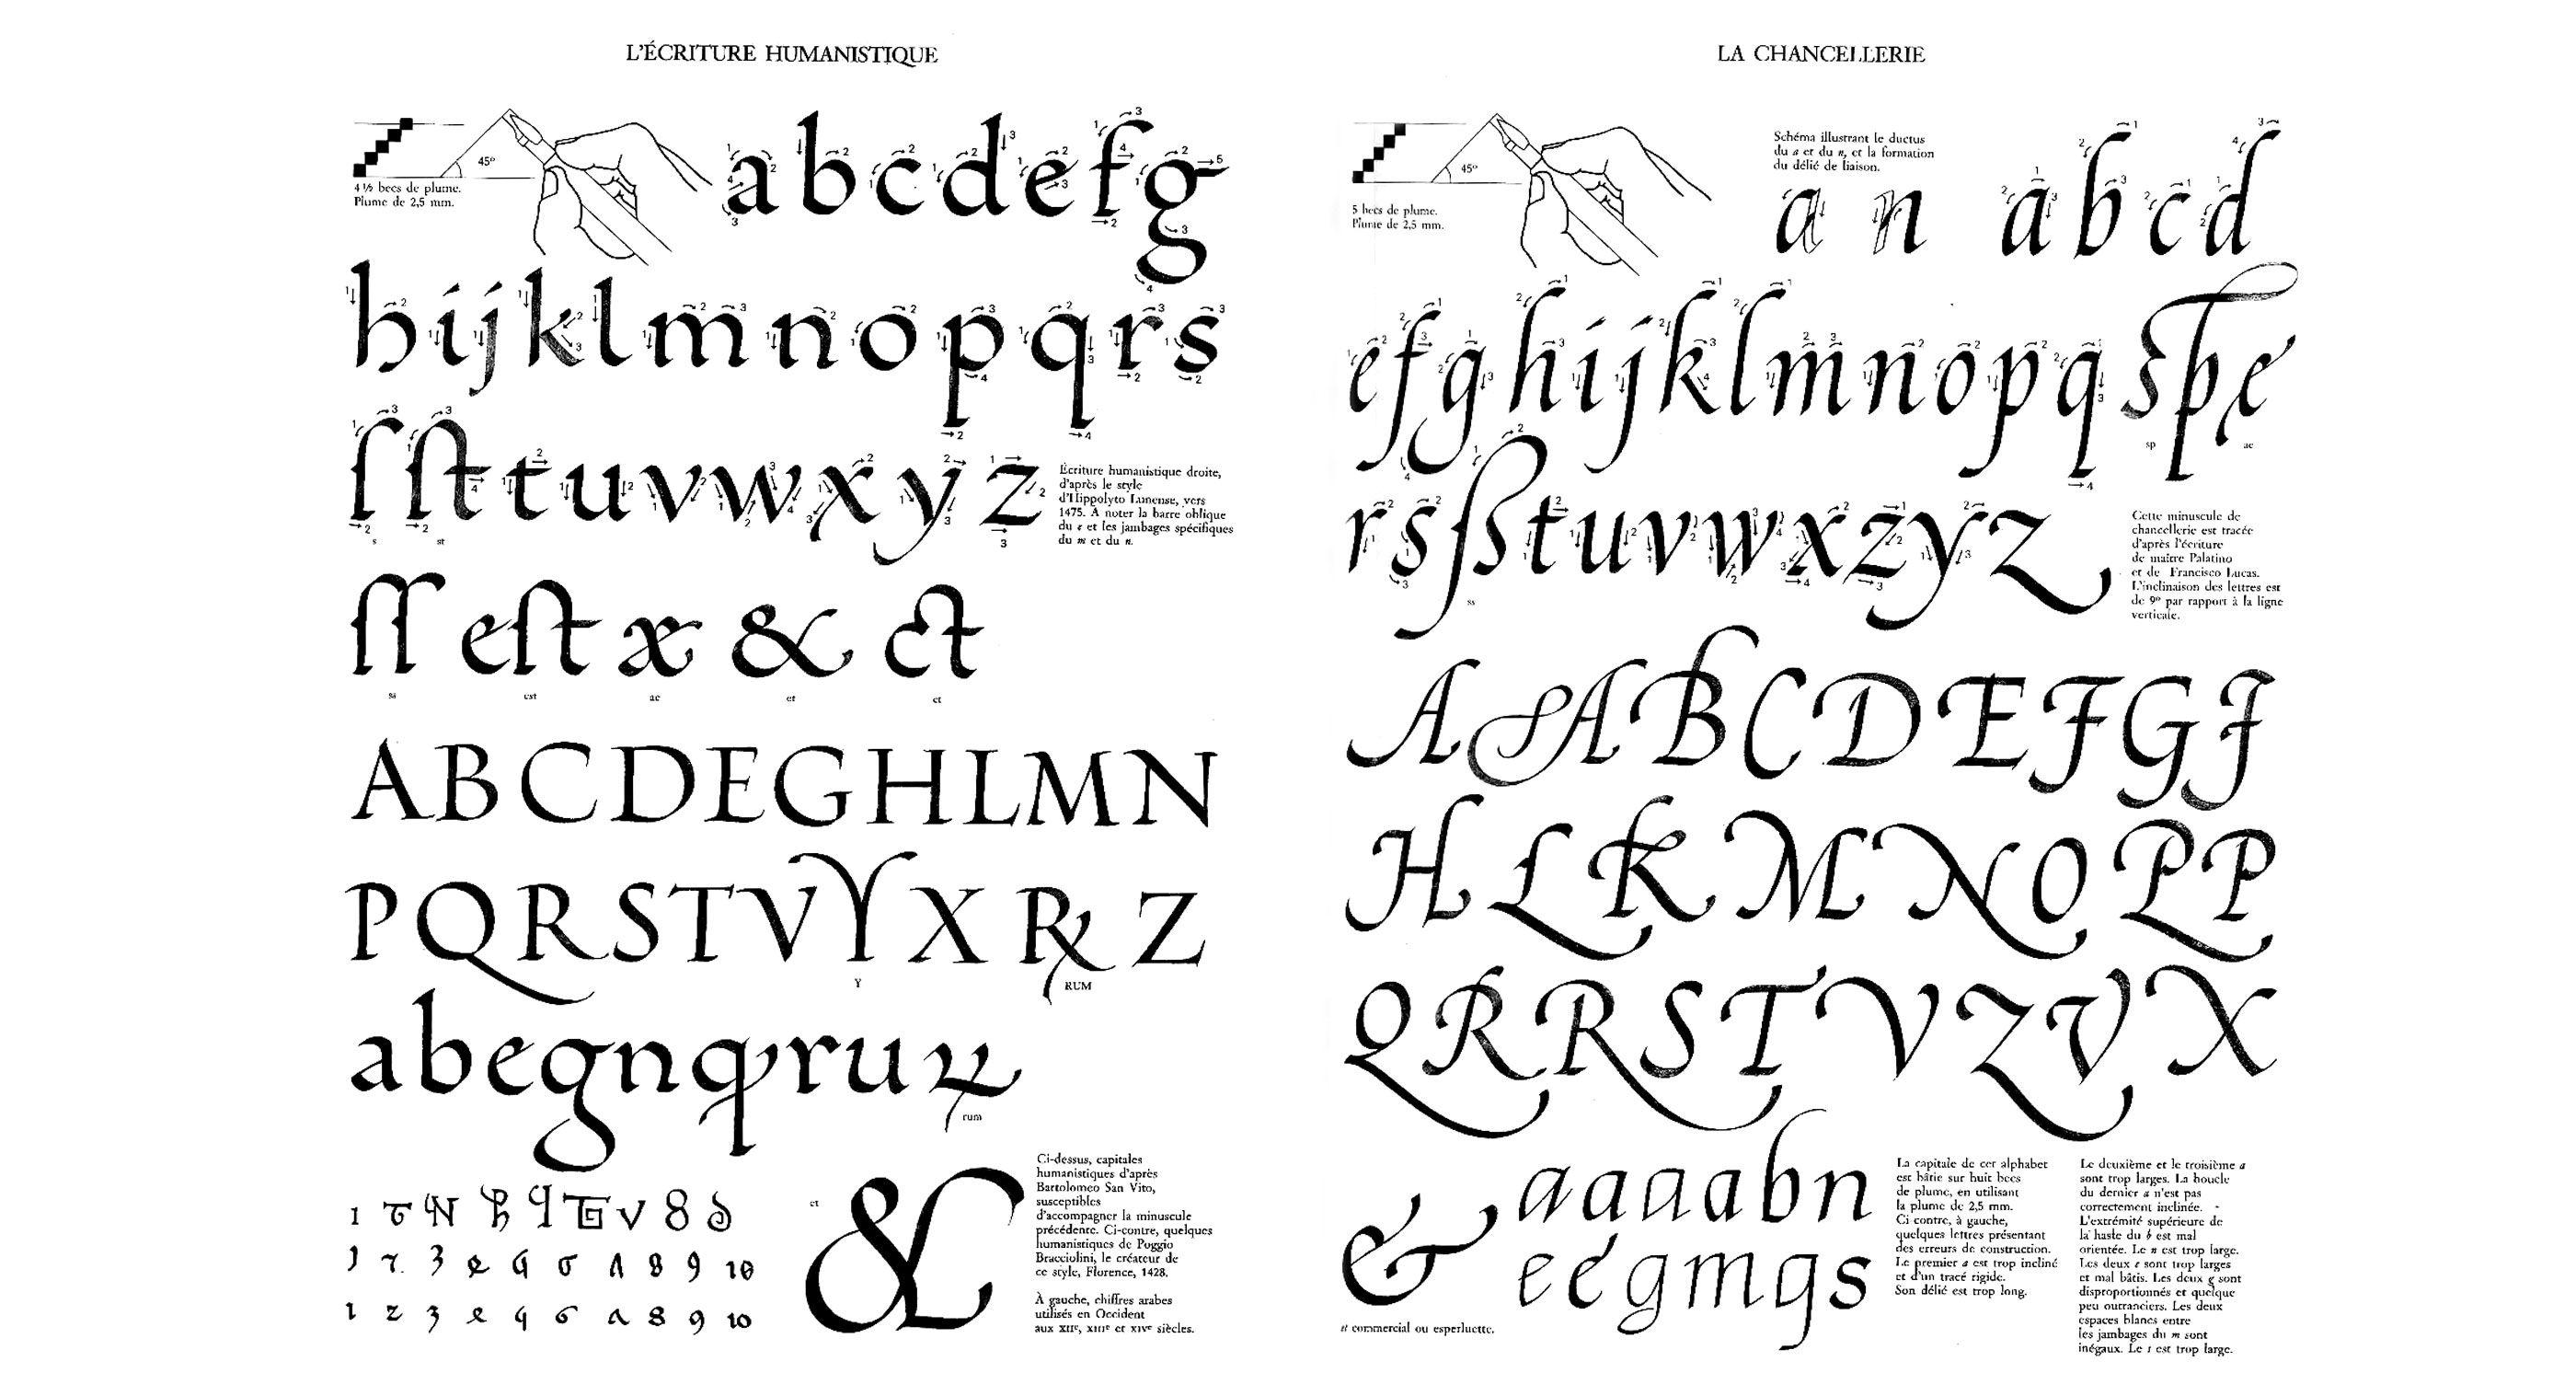 claude mediavilla calligraphie-ecriture humanistique la chancellerie ...